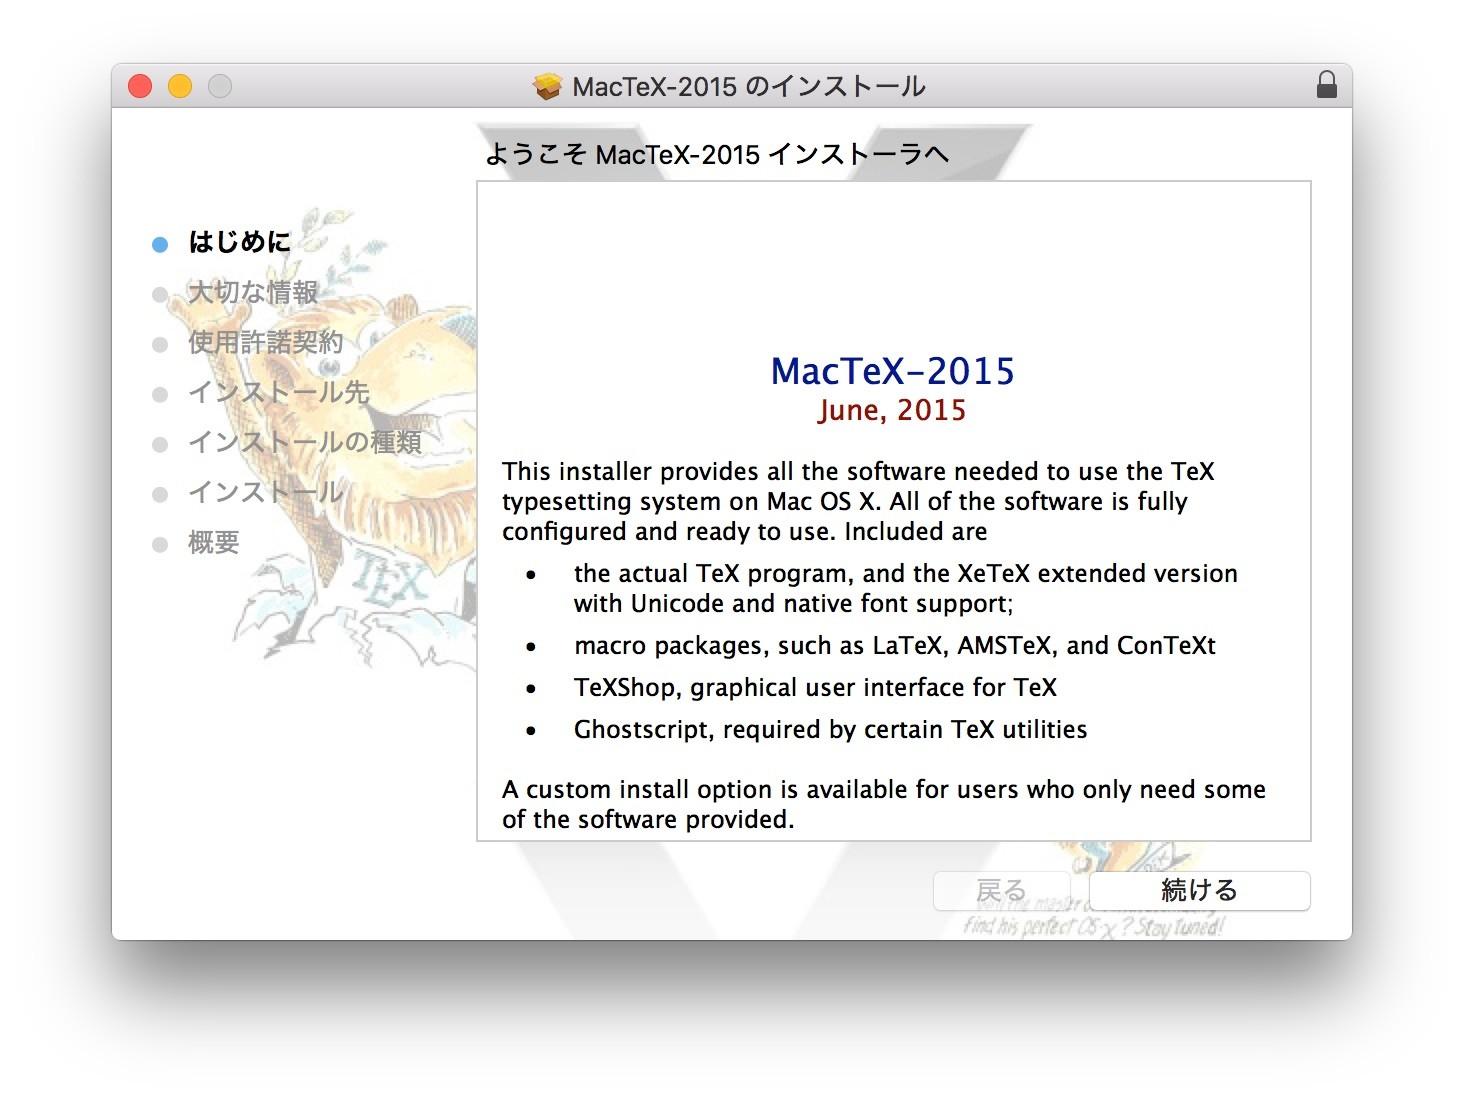 MacTeX-2015-Hero